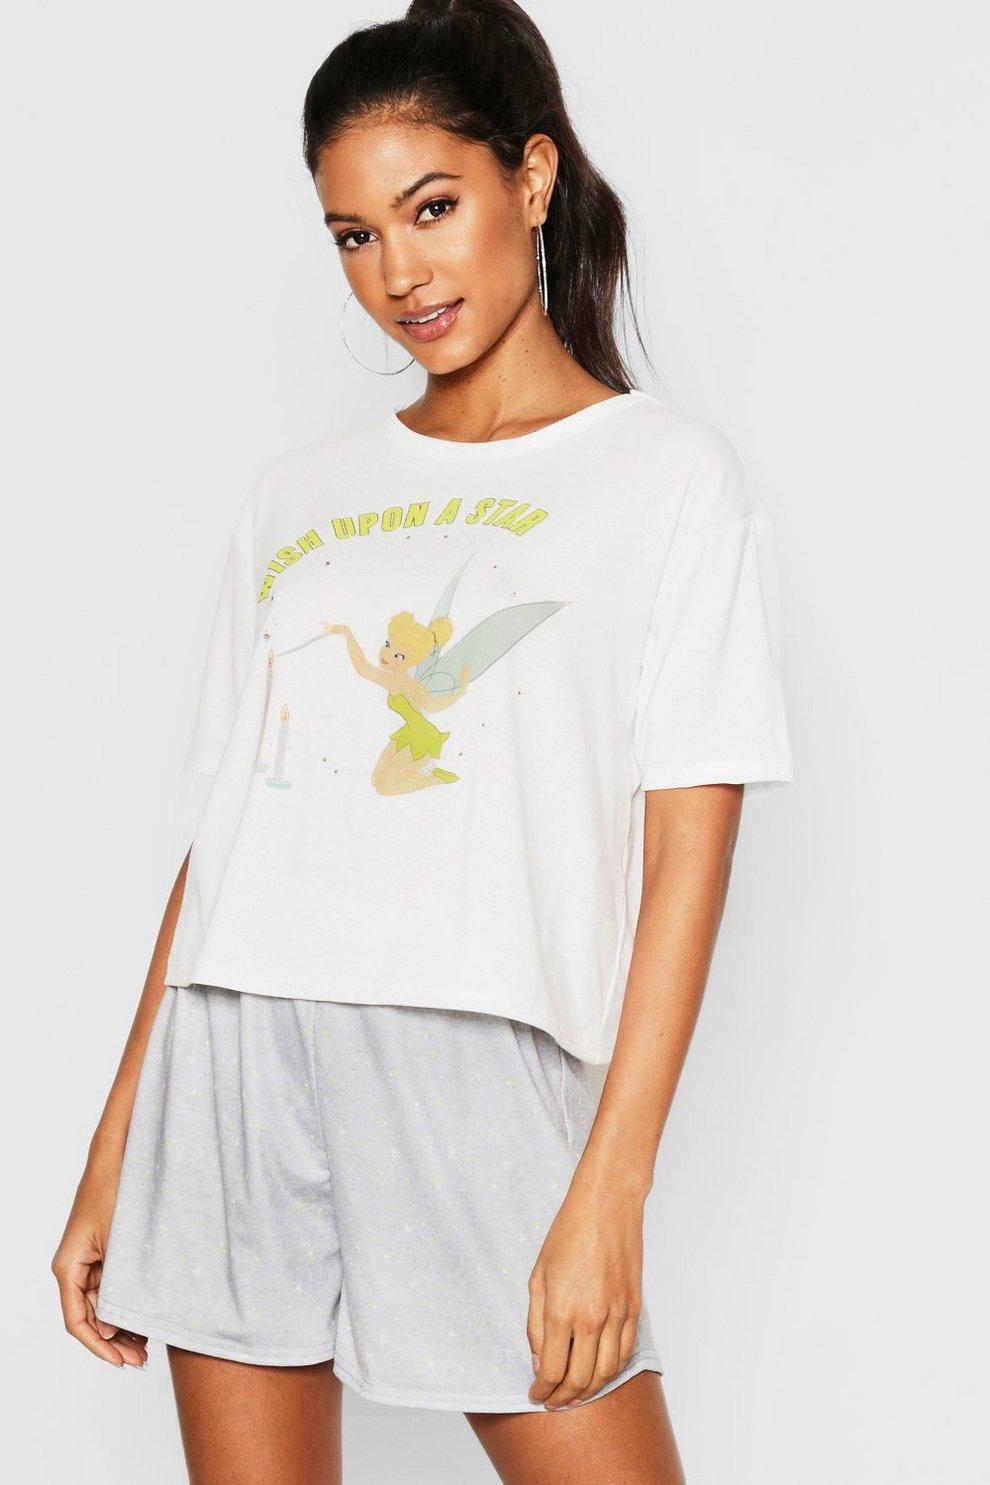 ab4ab3157b Conjunto de pijama con pantalones cortos de Tinkerbell de Disney ...